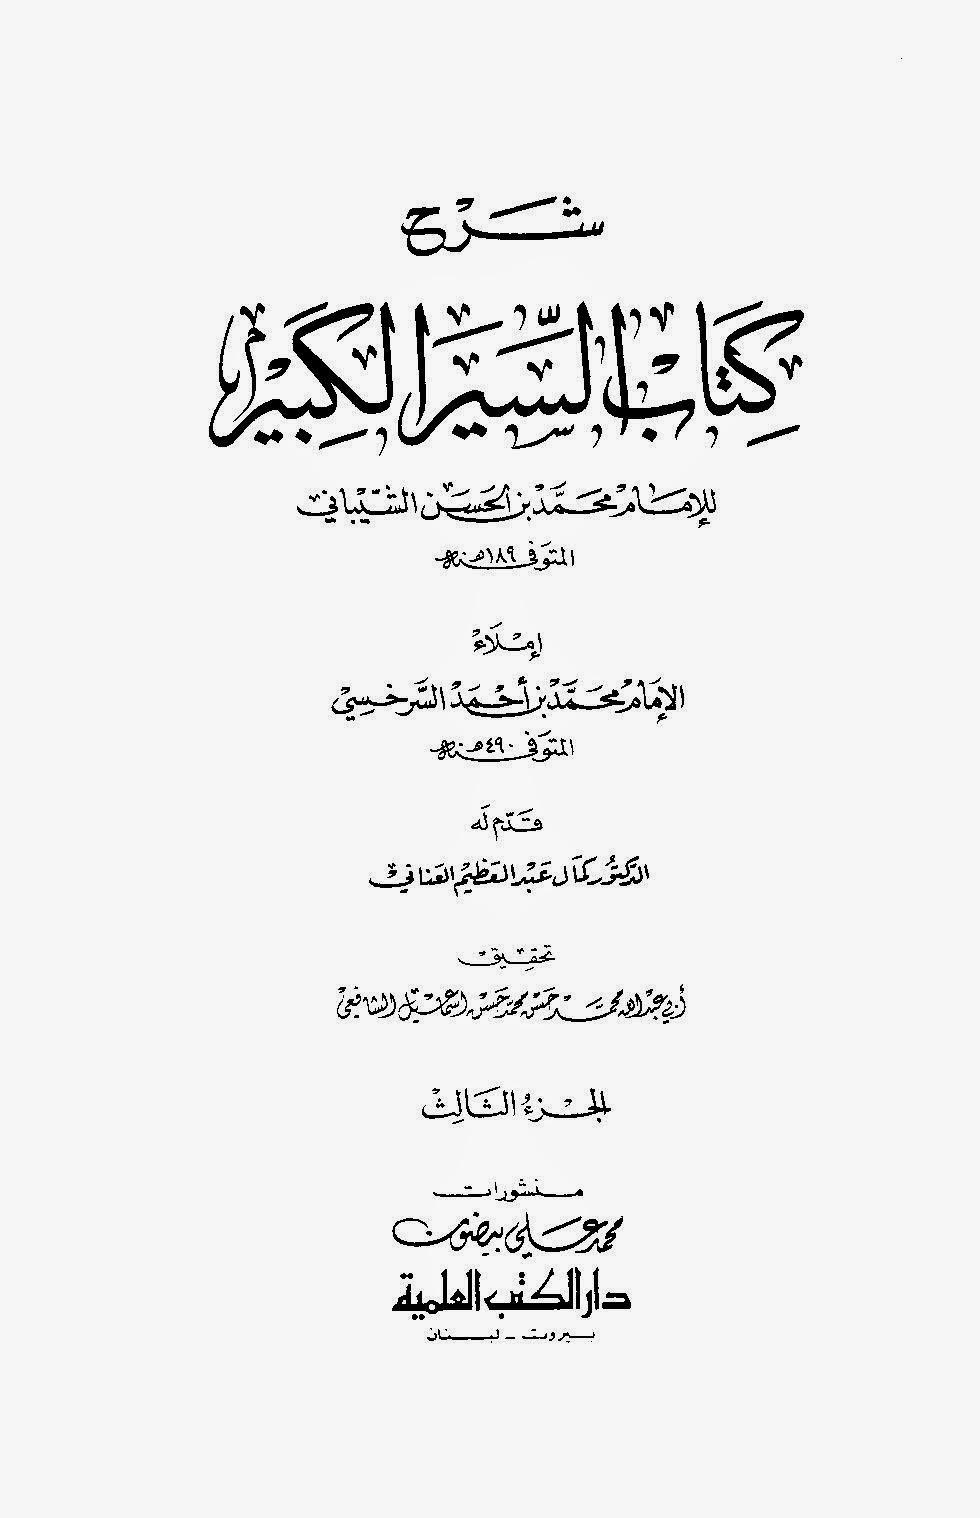 شرح كتاب السير الكبير - محمد بن الحسن الشيباني pdf